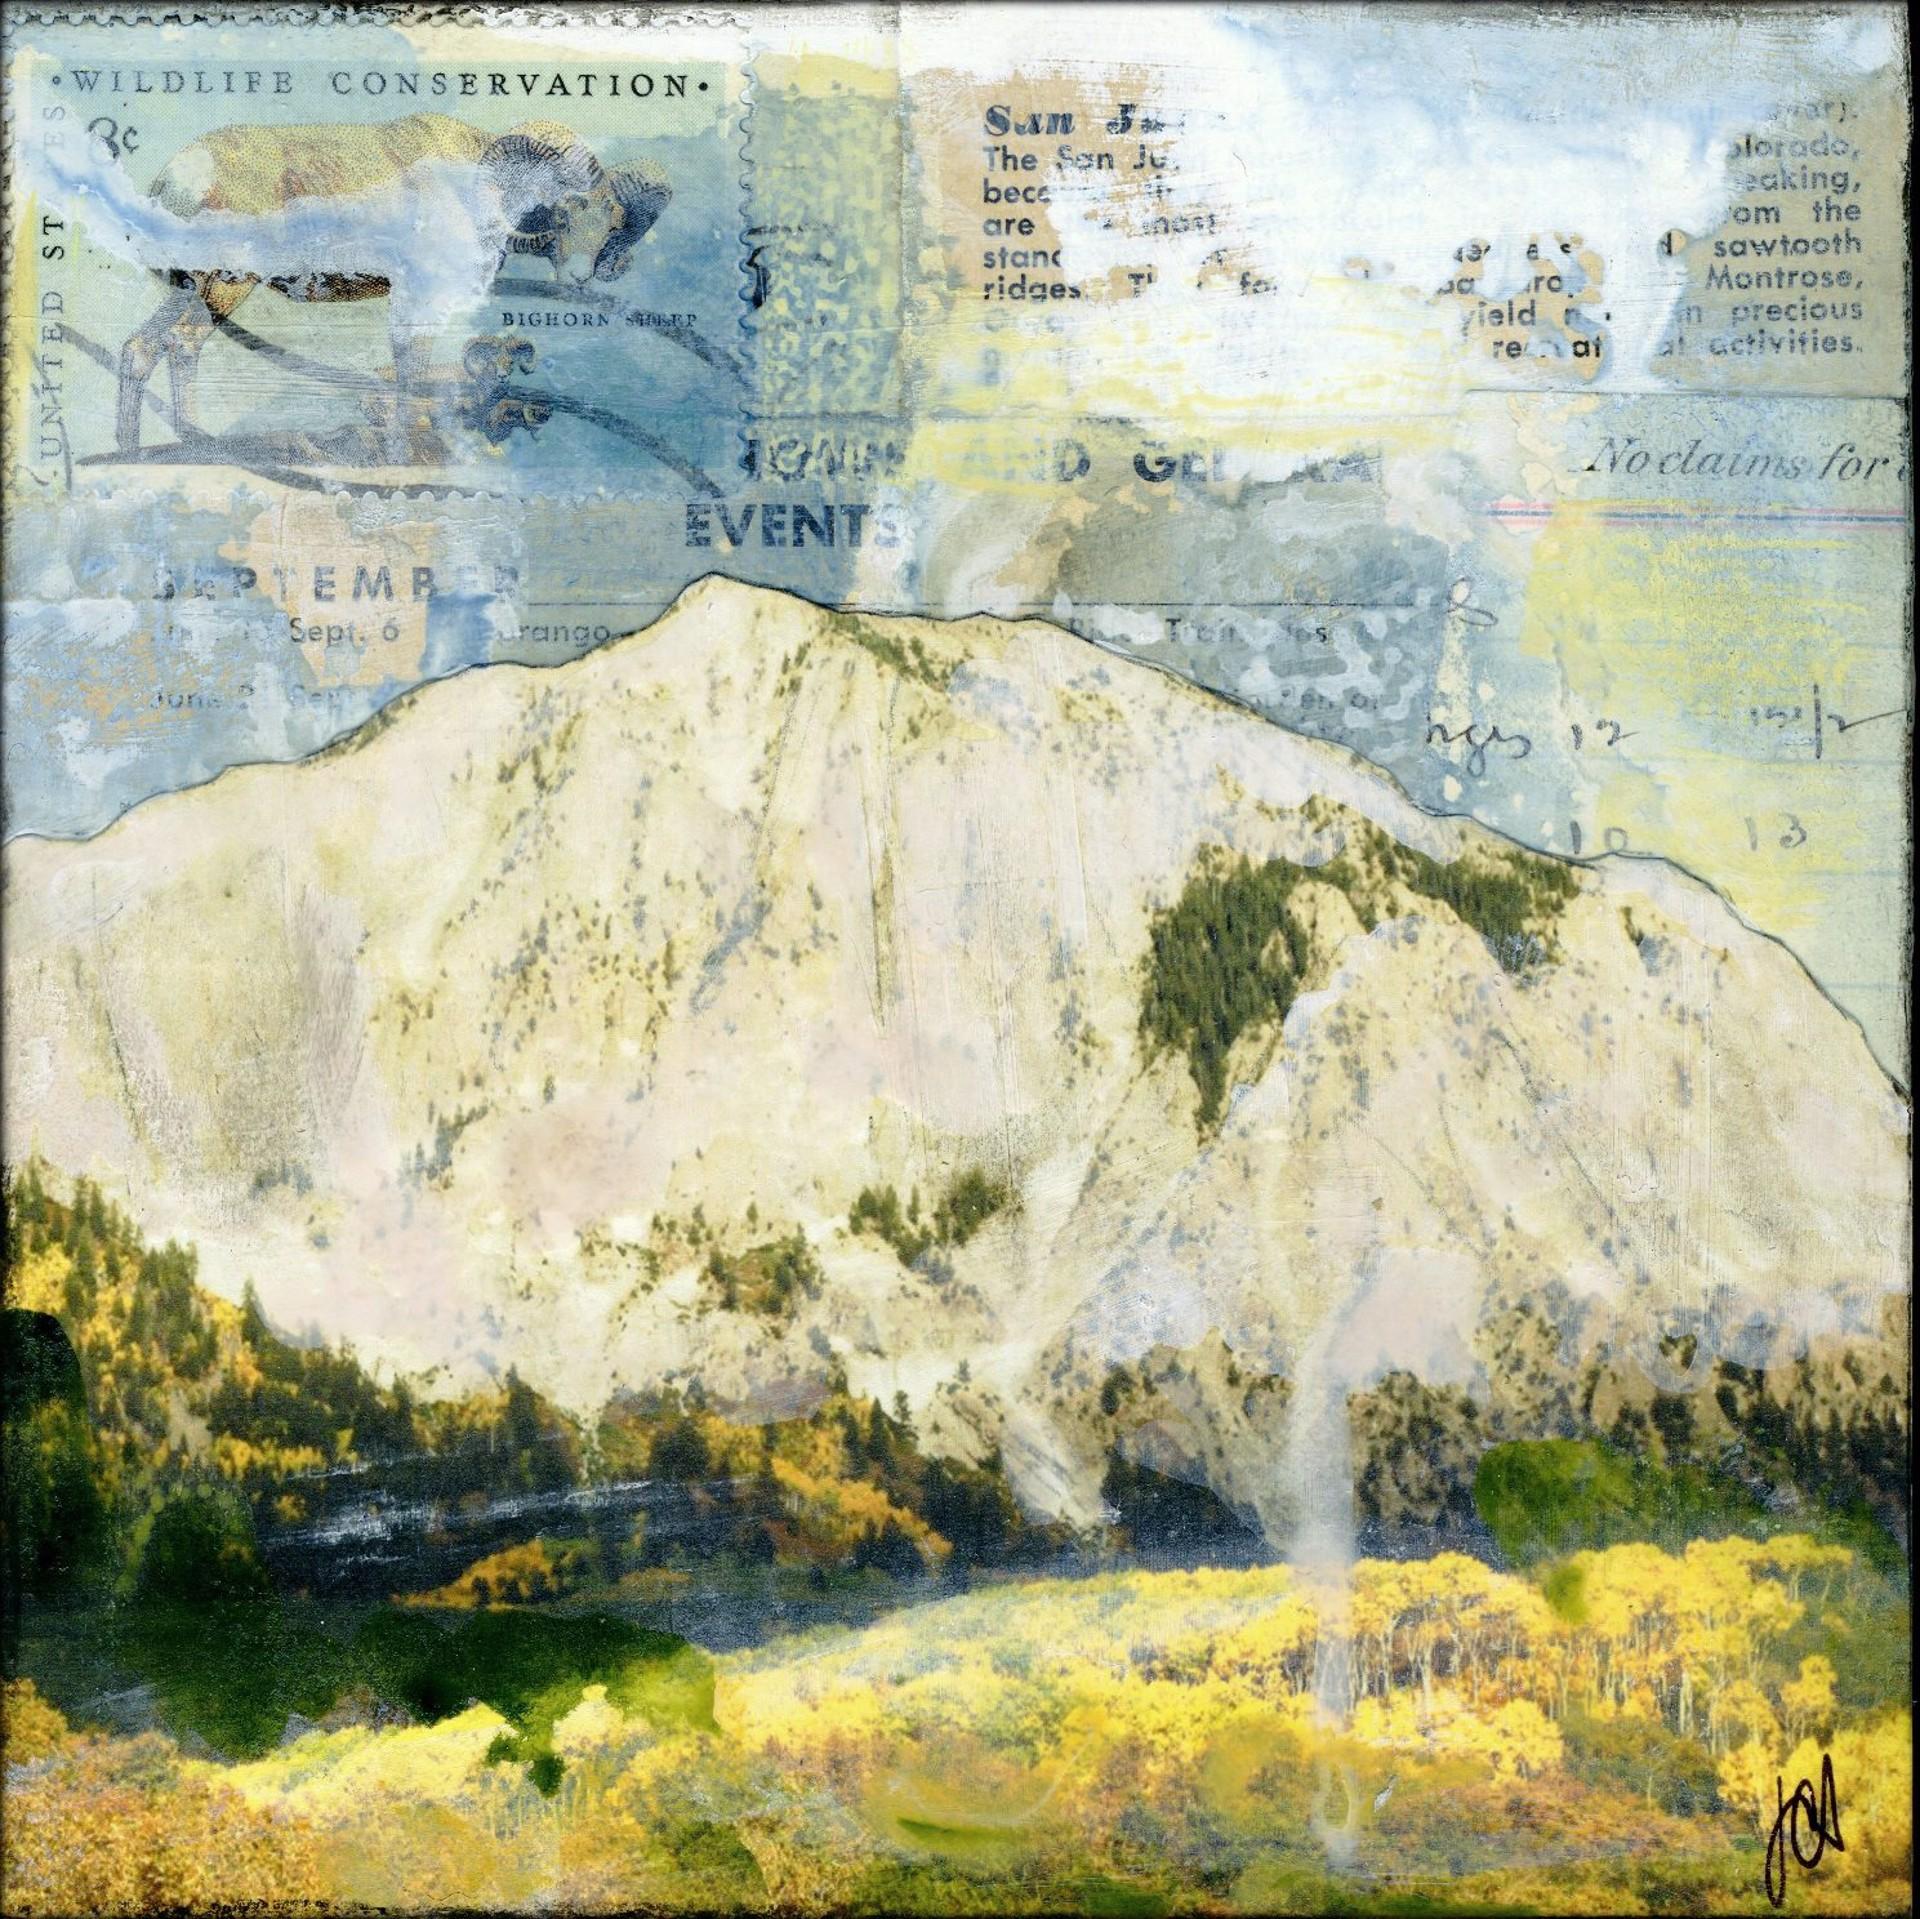 Mountain Memories by JC Spock